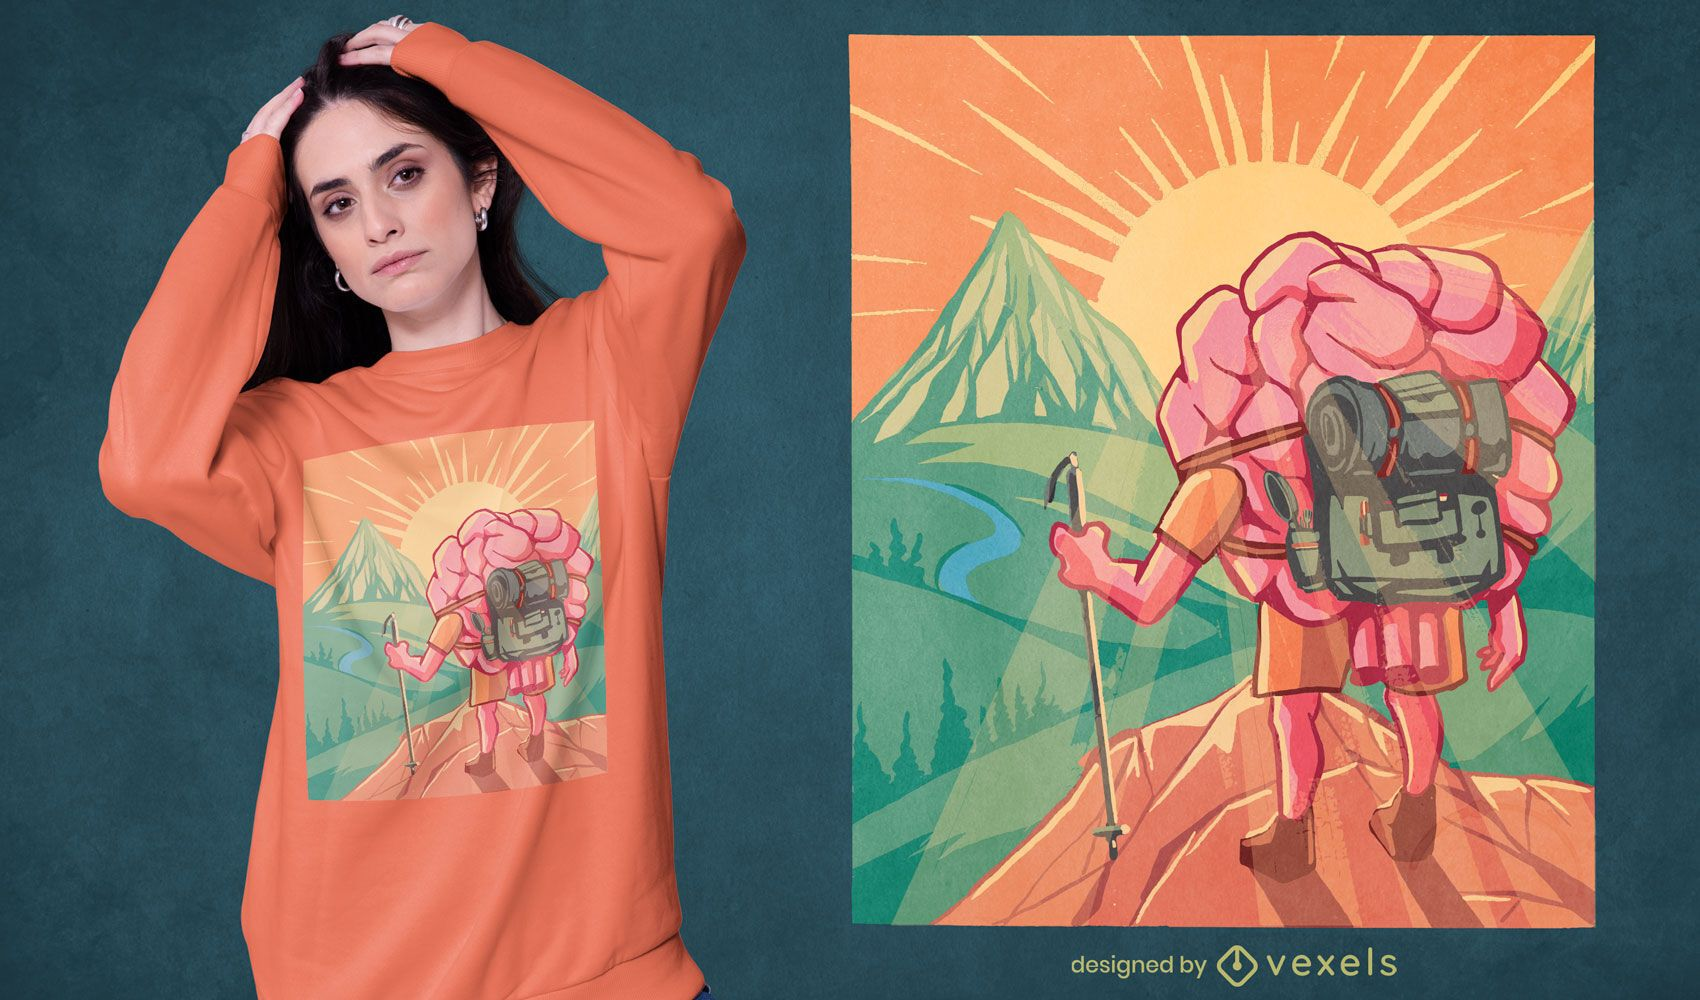 Hiker brain t-shirt design